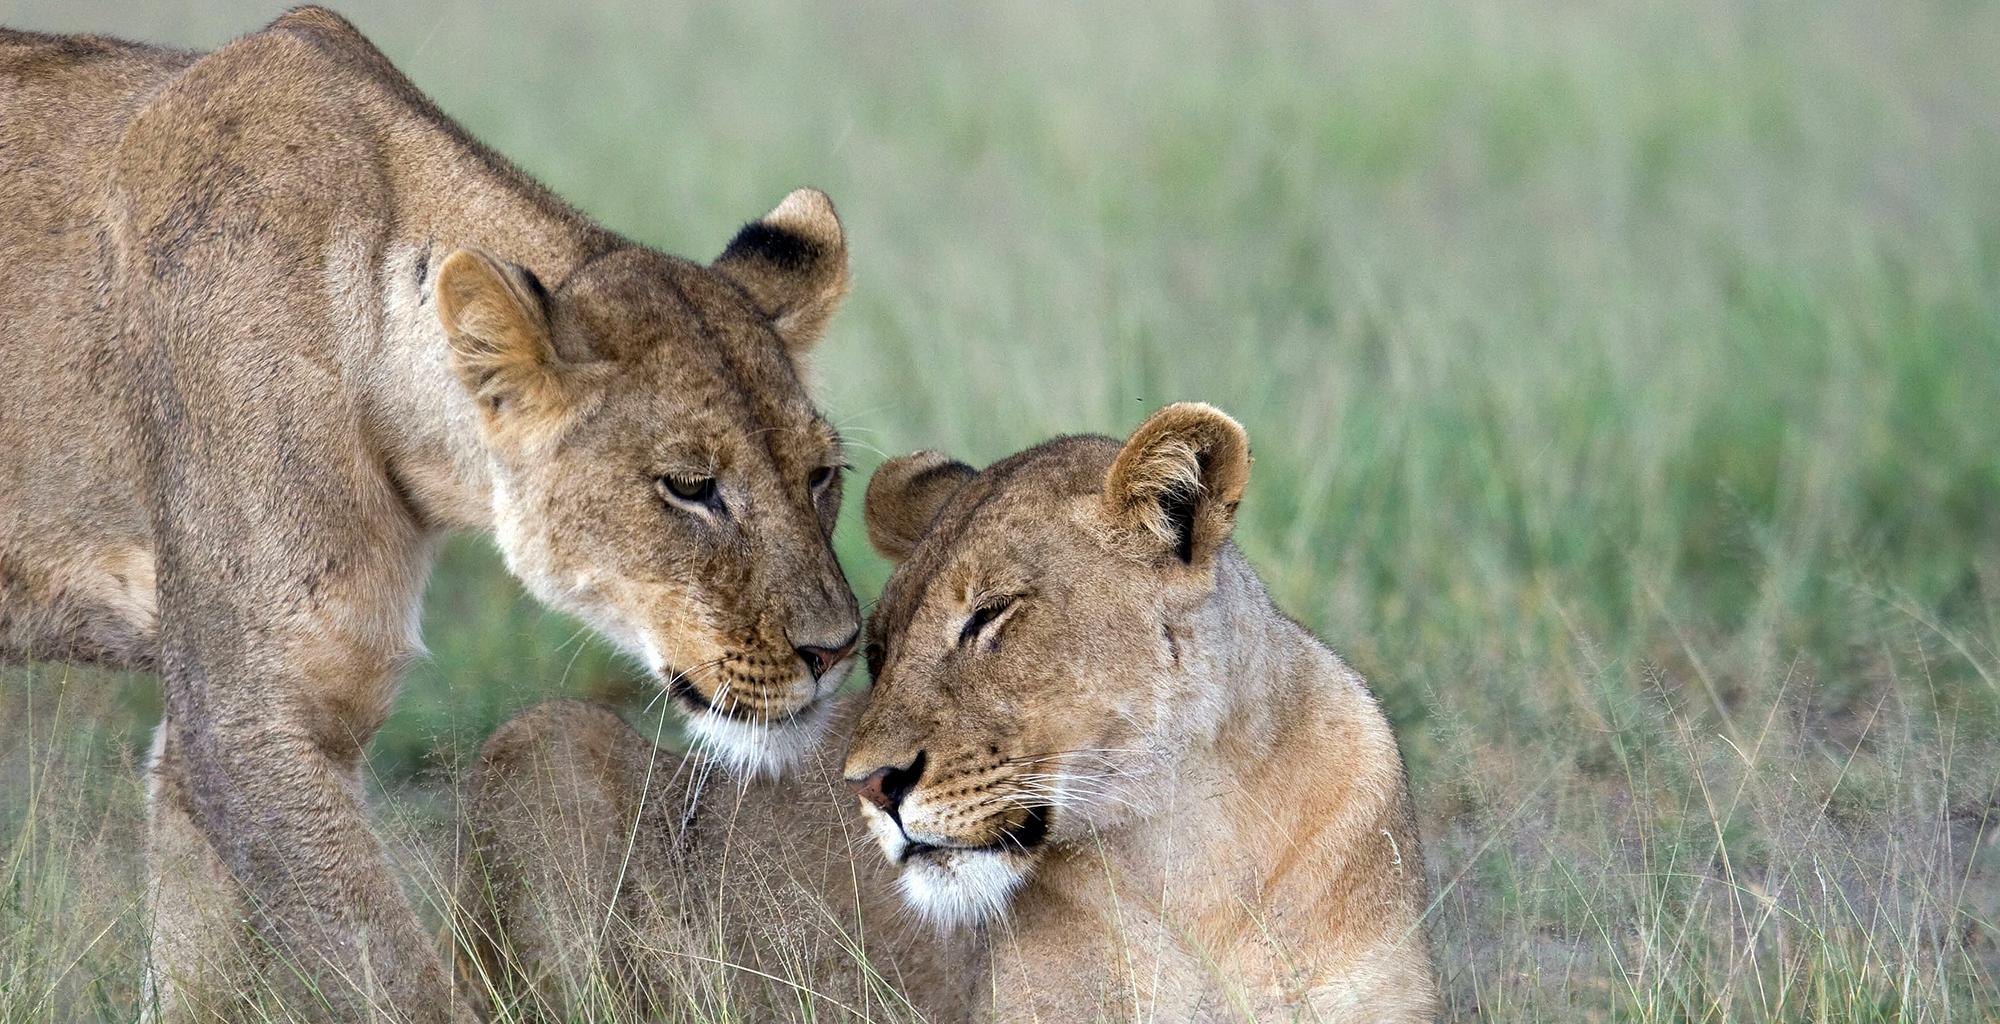 Botswana-Kalahari-Makgadikgadi-Pans-Wildife-Lion